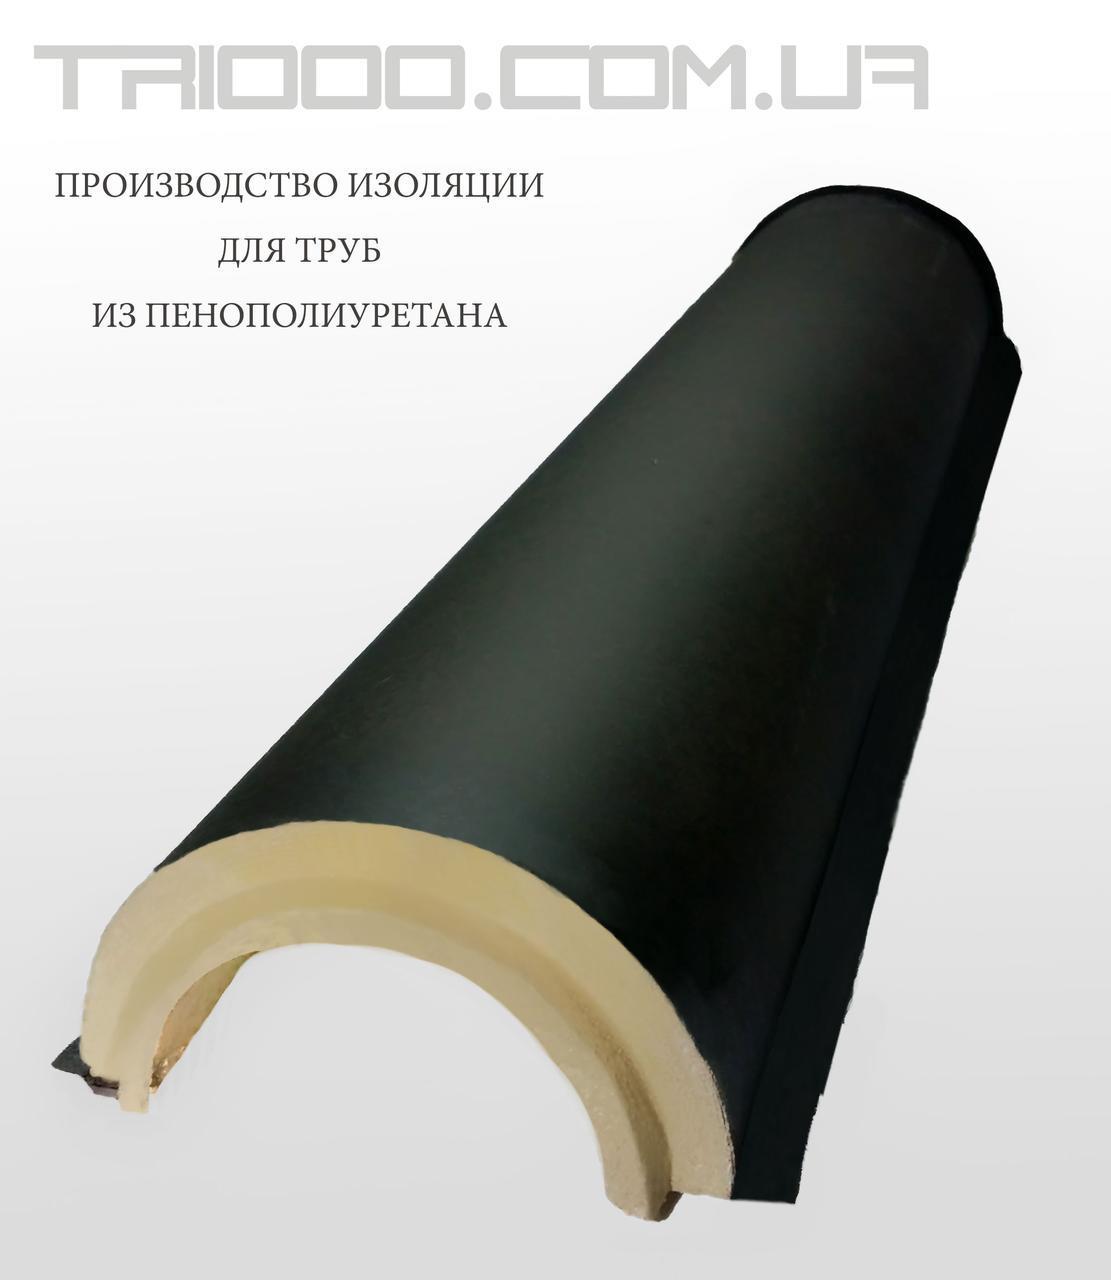 Сегменты теплоизоляционные для труб Ø 325/60 мм в покрытии из пергамина